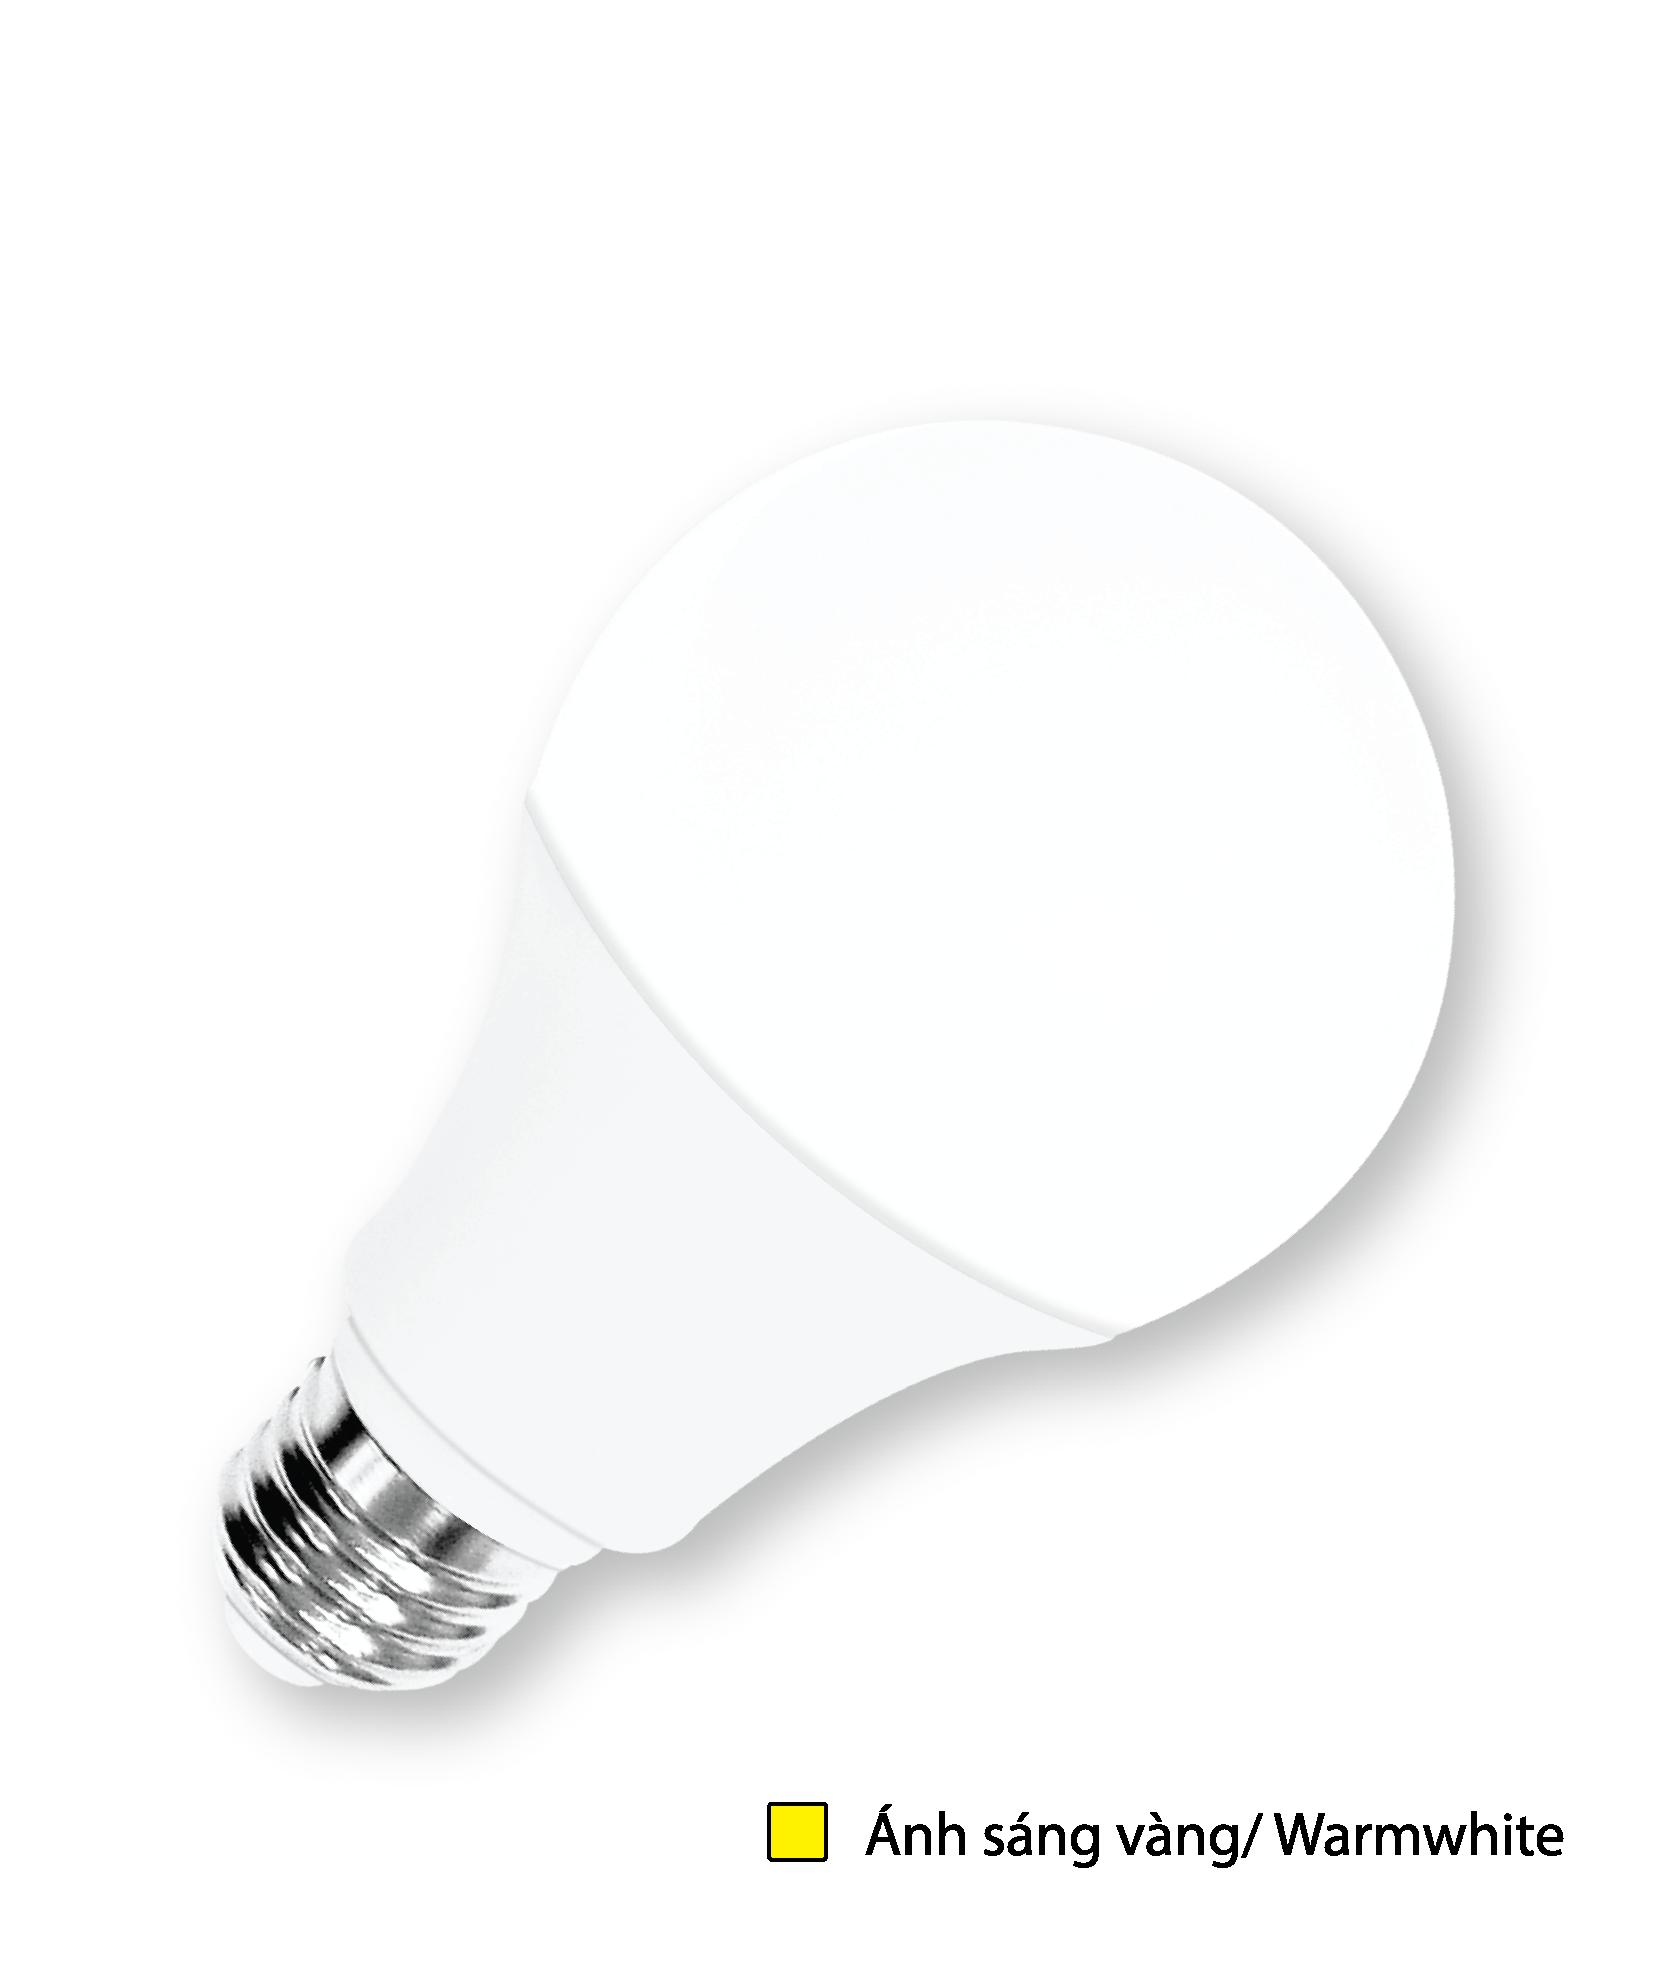 Đèn LED Bulb BU11 Điện Quang ĐQ LEDBU11A50 03727 (3W Warmwhite, Chụp Cầu Mờ)